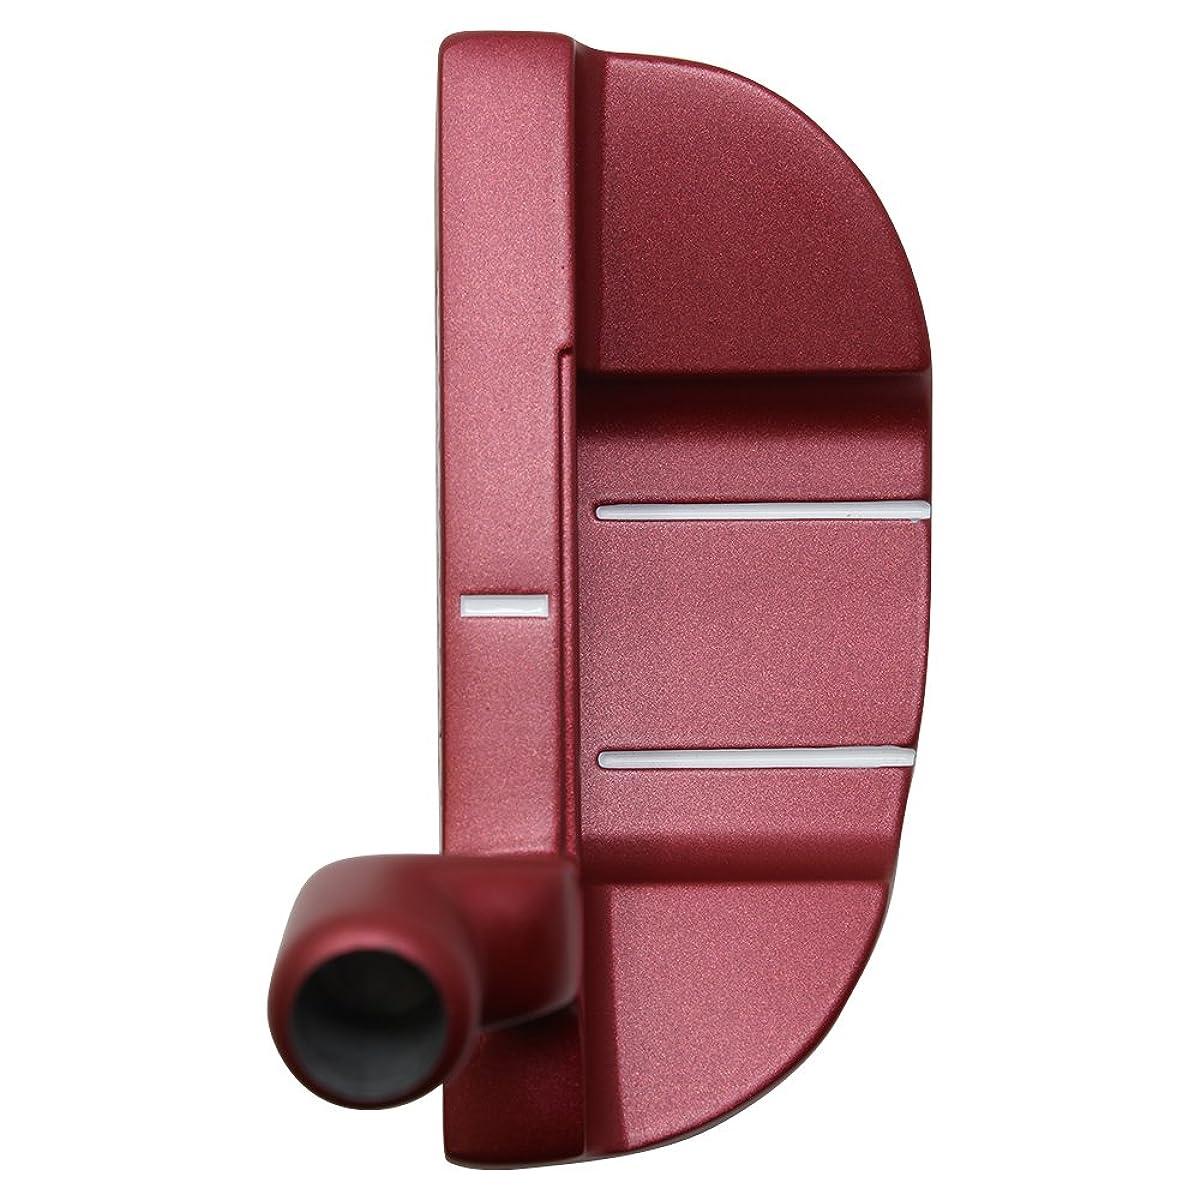 [해외] BIONIK 105레드 골프 퍼터RIGHT HANDED세미MALLET스타일WITH선형LINE UP핸드 툴31인치ULTRA 소병LADY 'S PERFECT FOR안감UP YOUR PUTTS